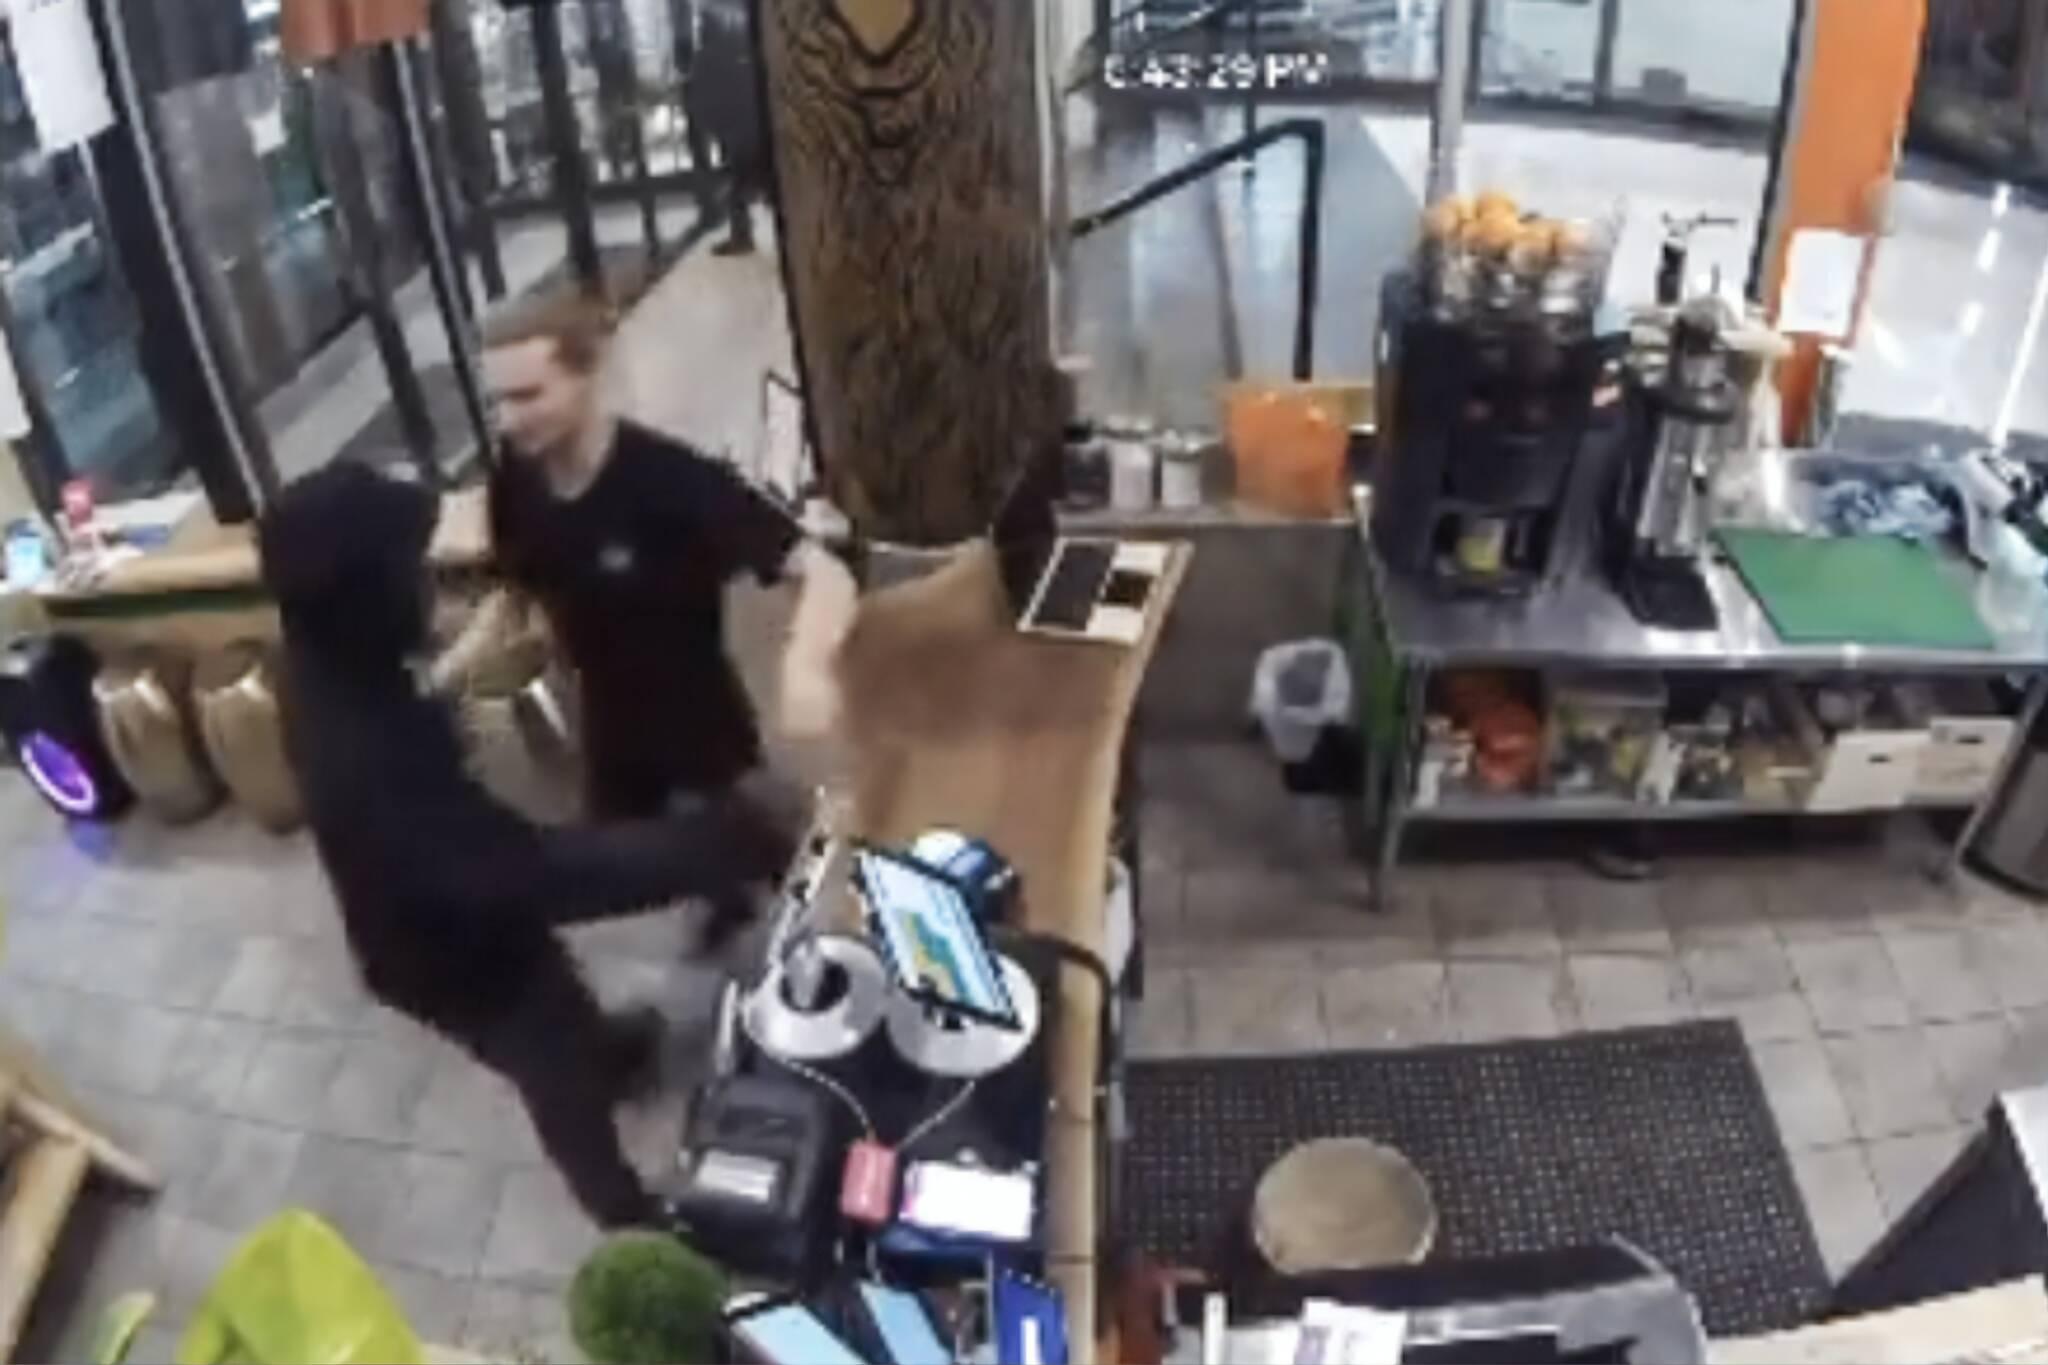 juice bar theft